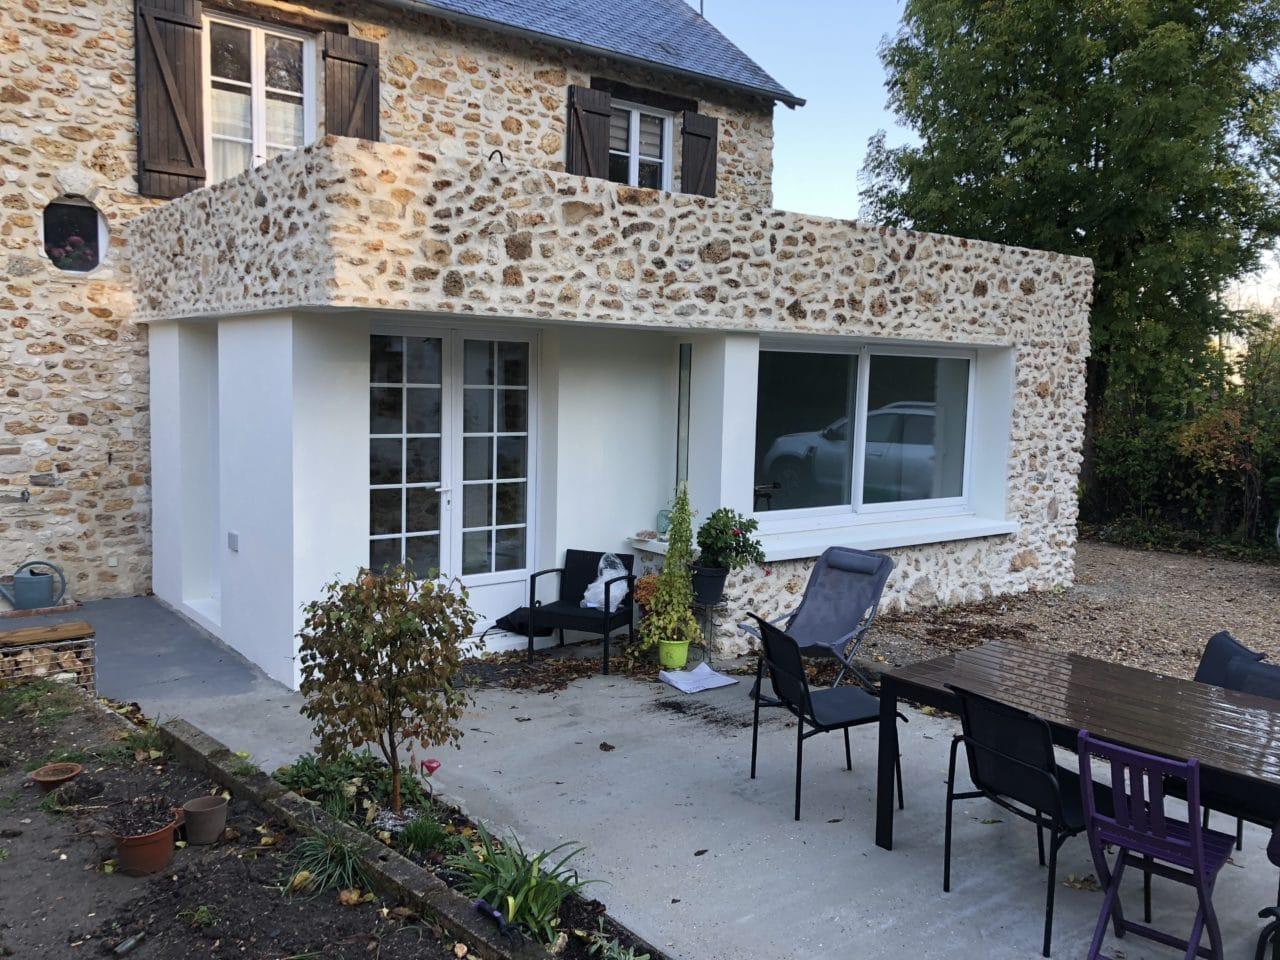 Maison Avec Travaux 77 agrandissement et extension de votre habitat : guide complet